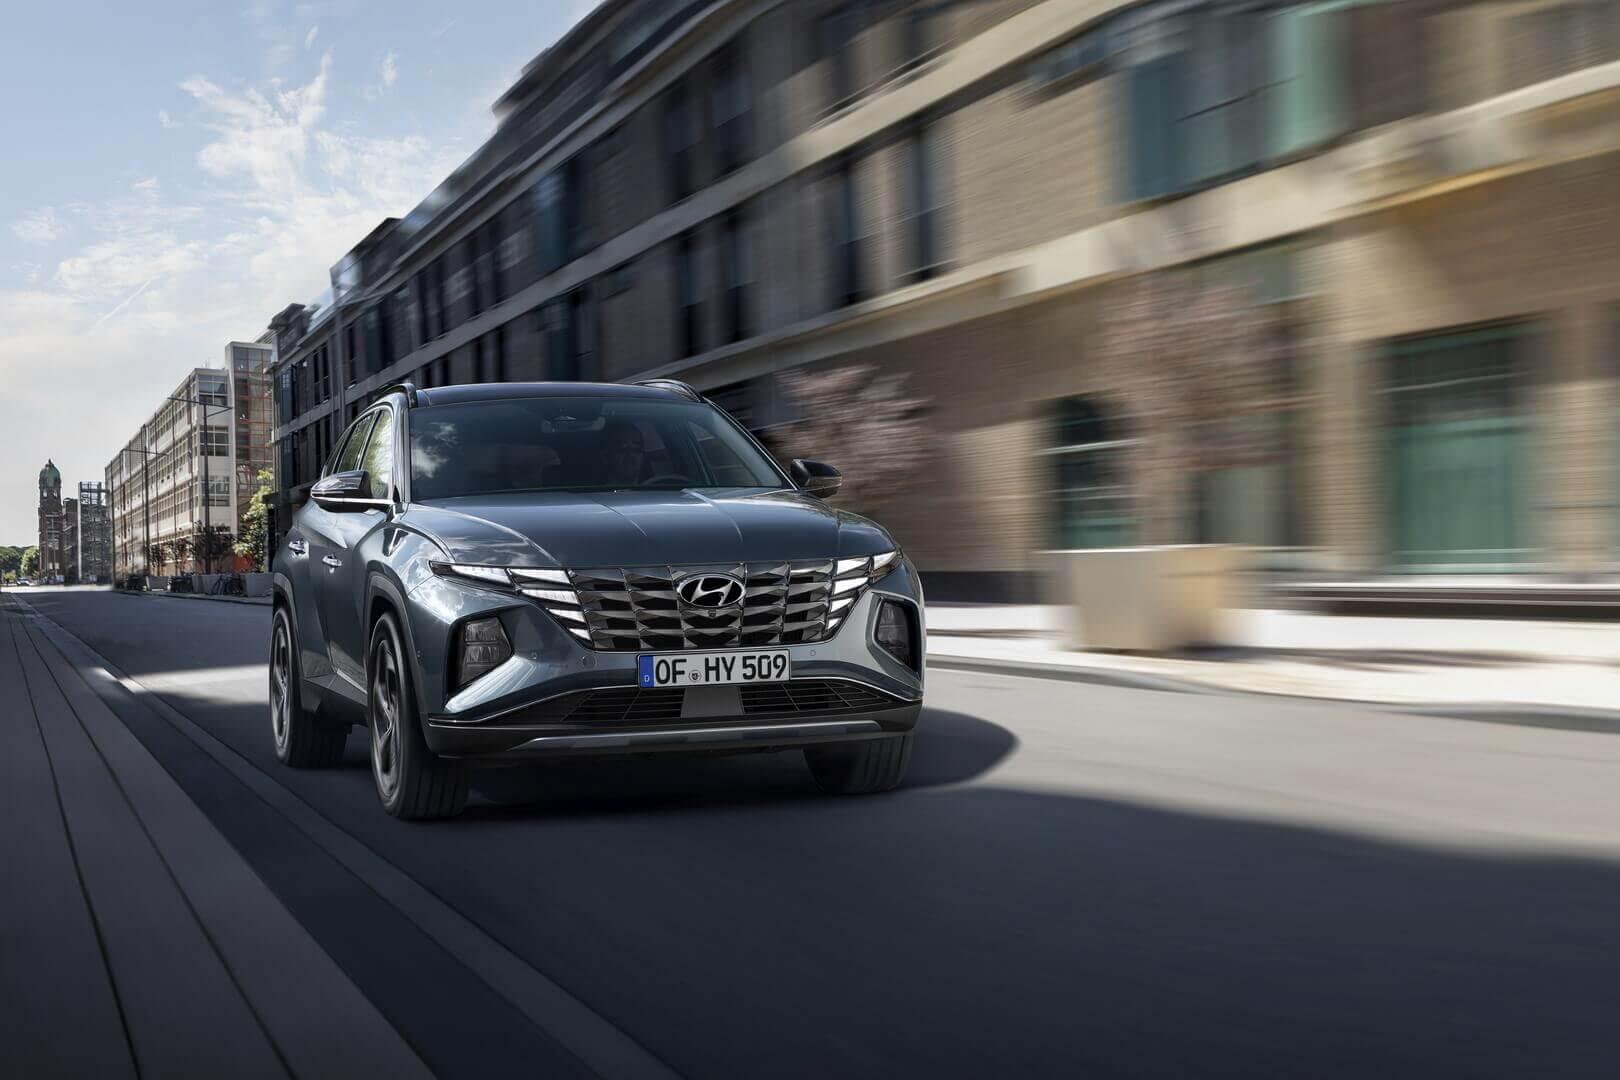 Совершенно новый Hyundai Tucson: умный технический герой с выдающимся дизайном